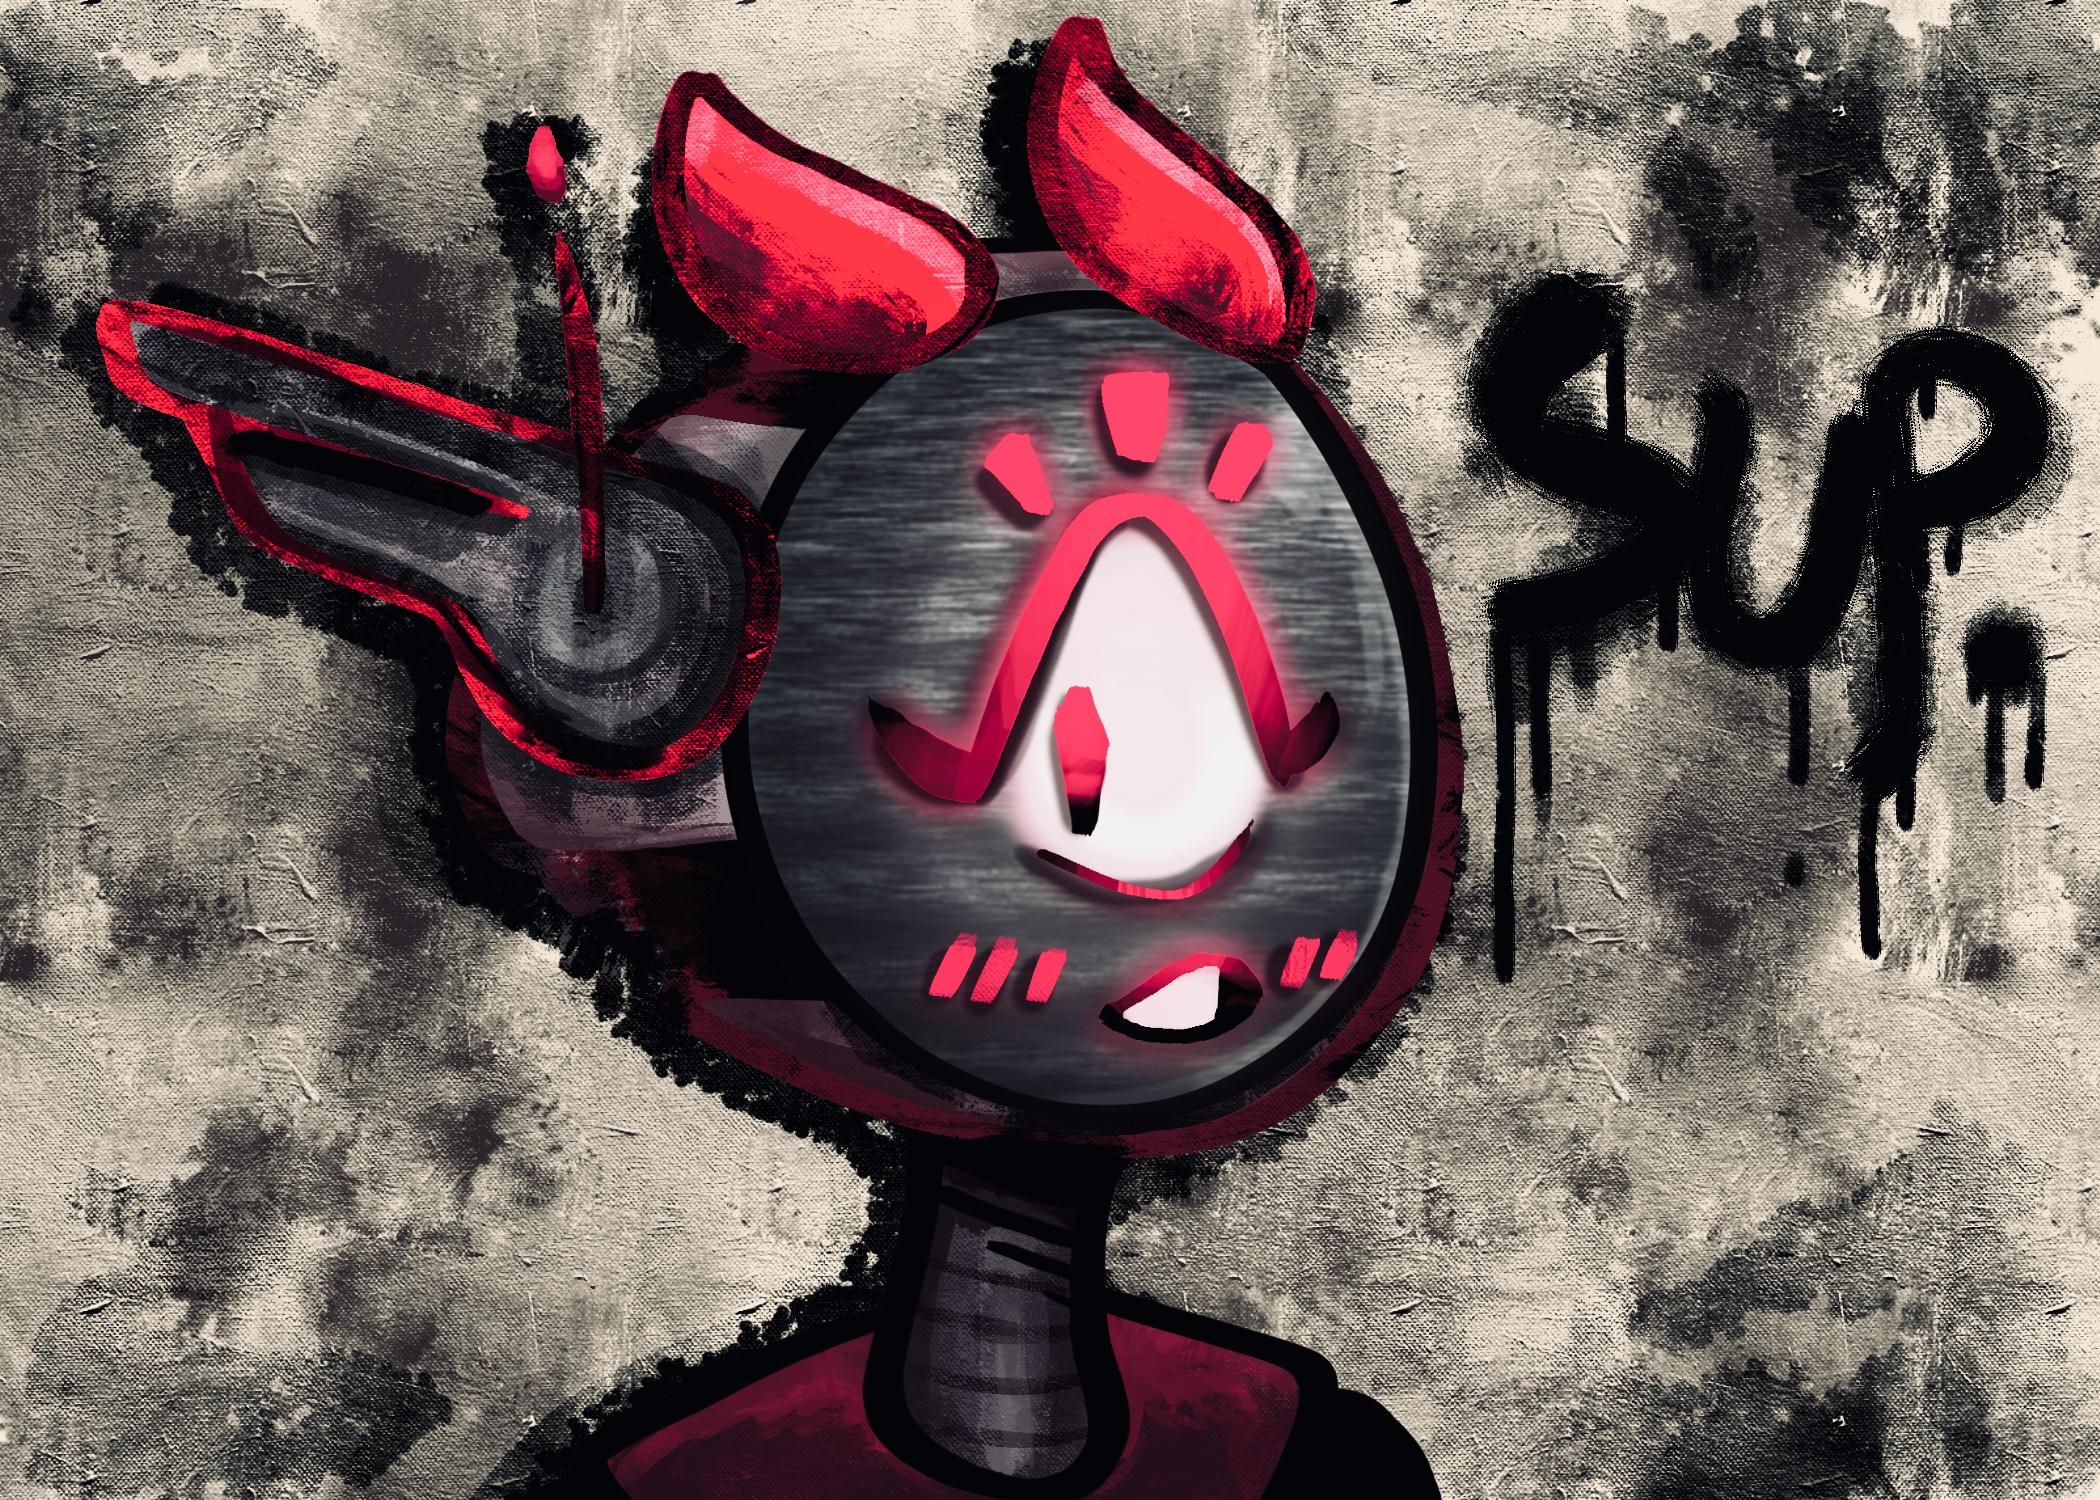 Robot oc